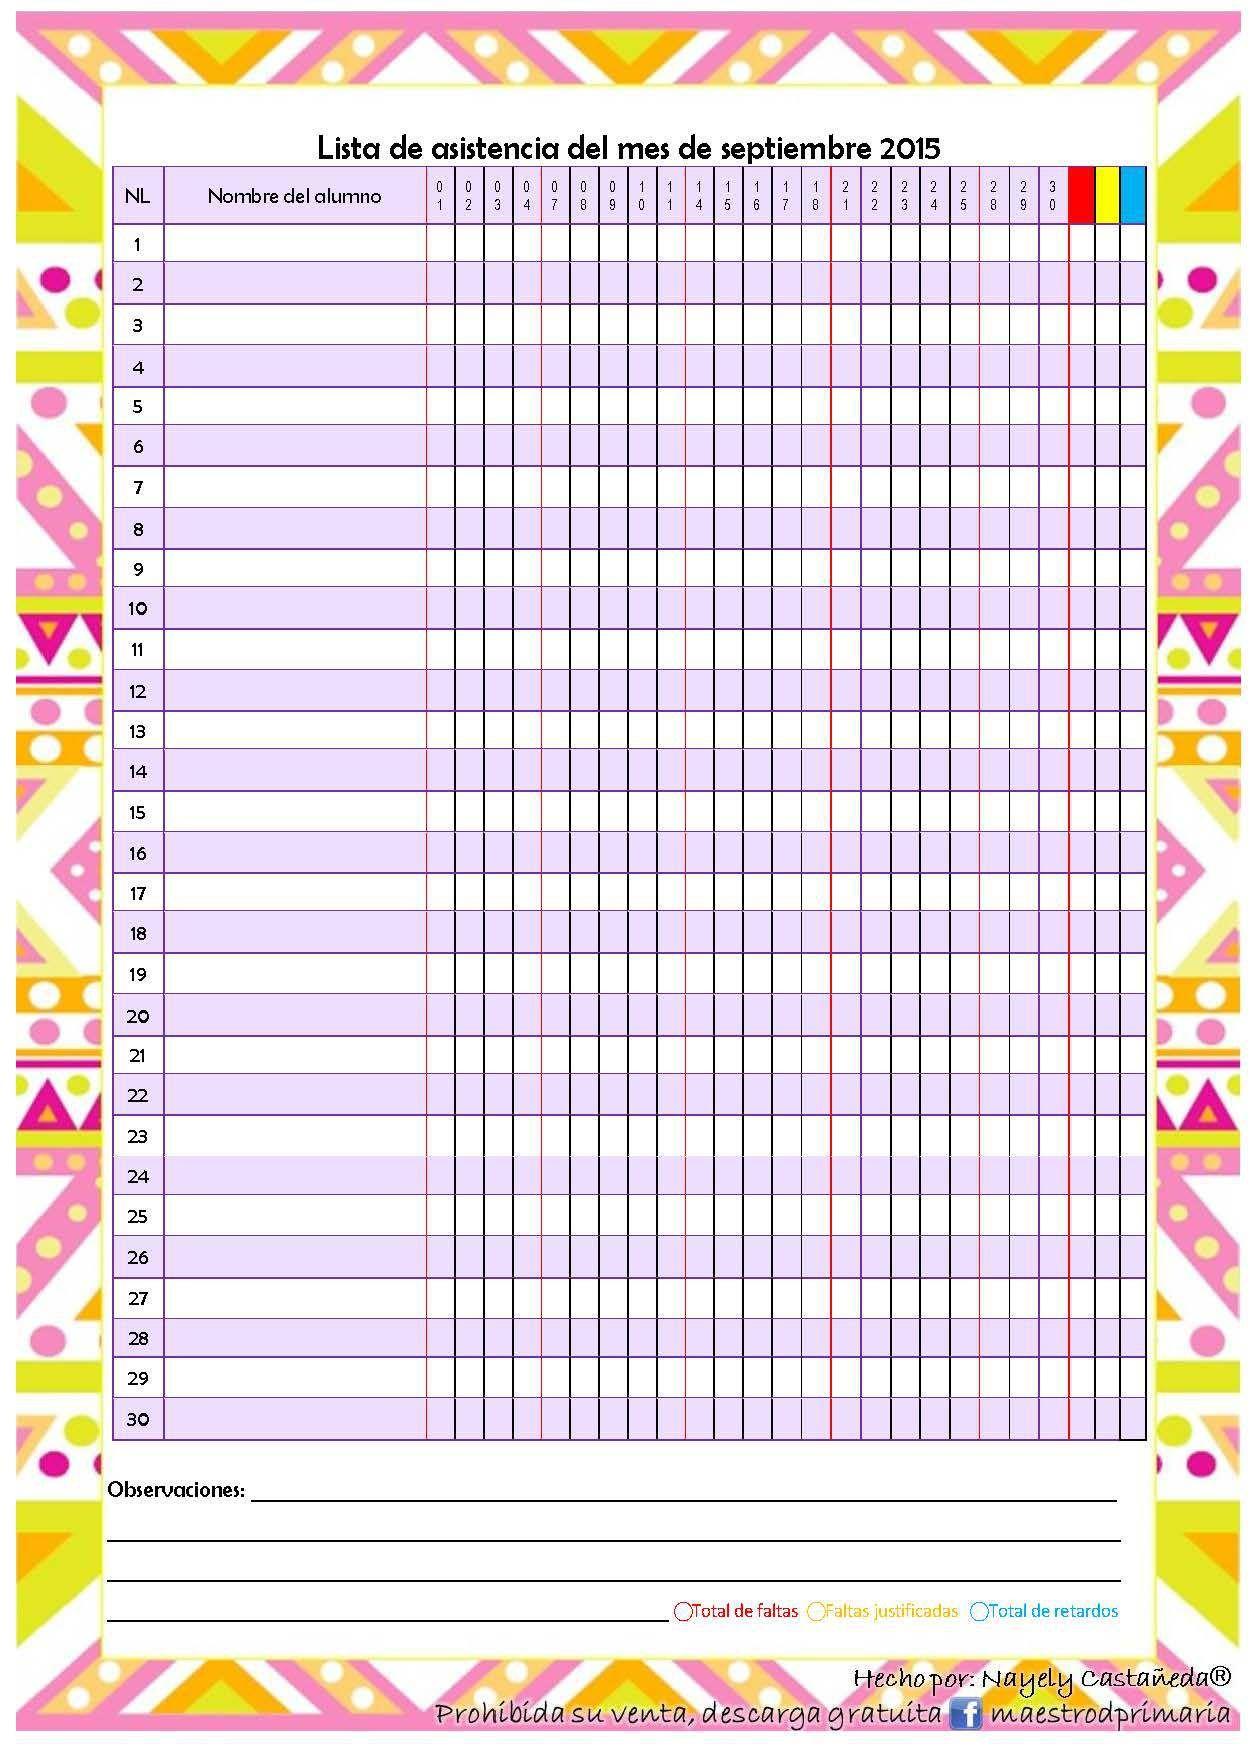 Nueva Agenda Ciclo 2015 2016 Formatos Editables Motivos Melonheadz Aulas Rimas Aula Infantil Formato lista de asistencia escolar